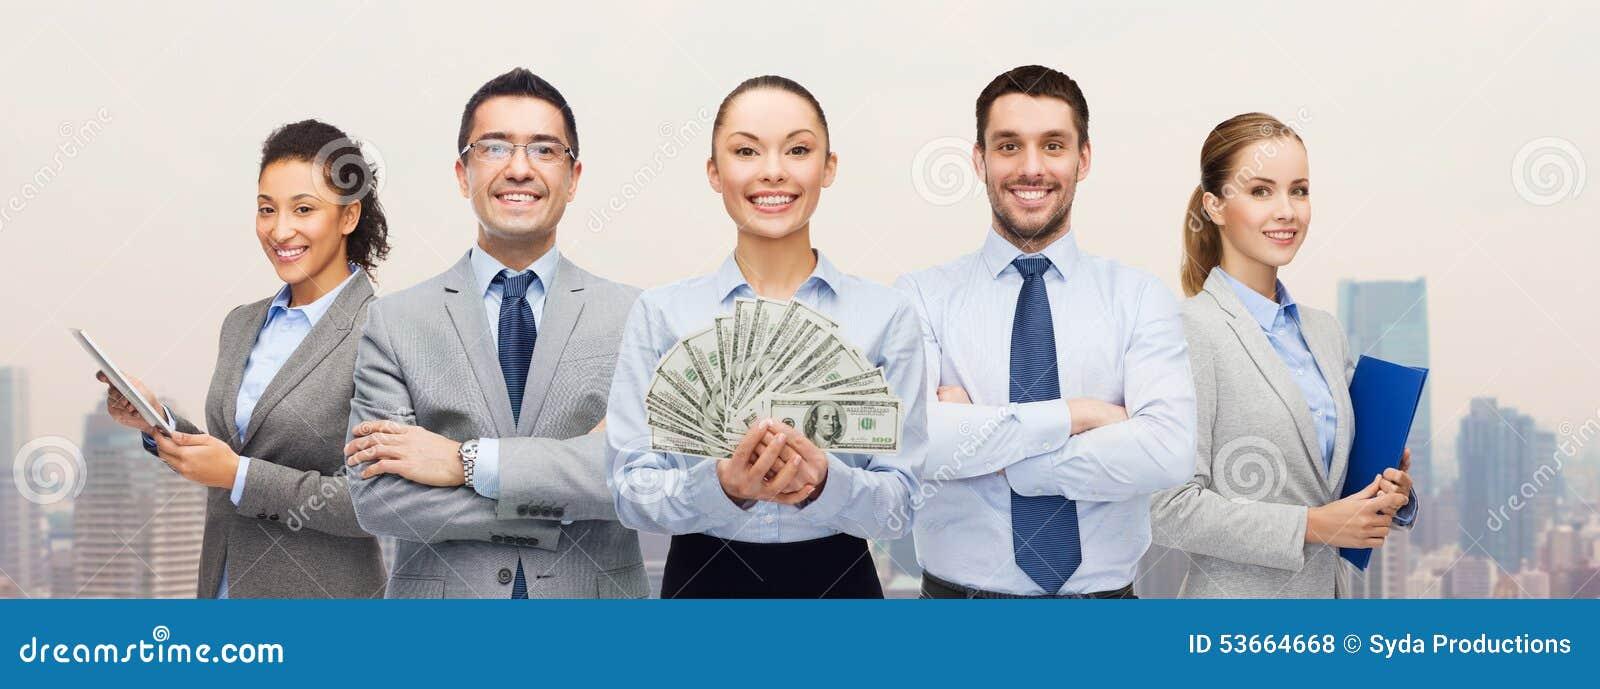 Gruppo di gente di affari con il denaro contante del dollaro